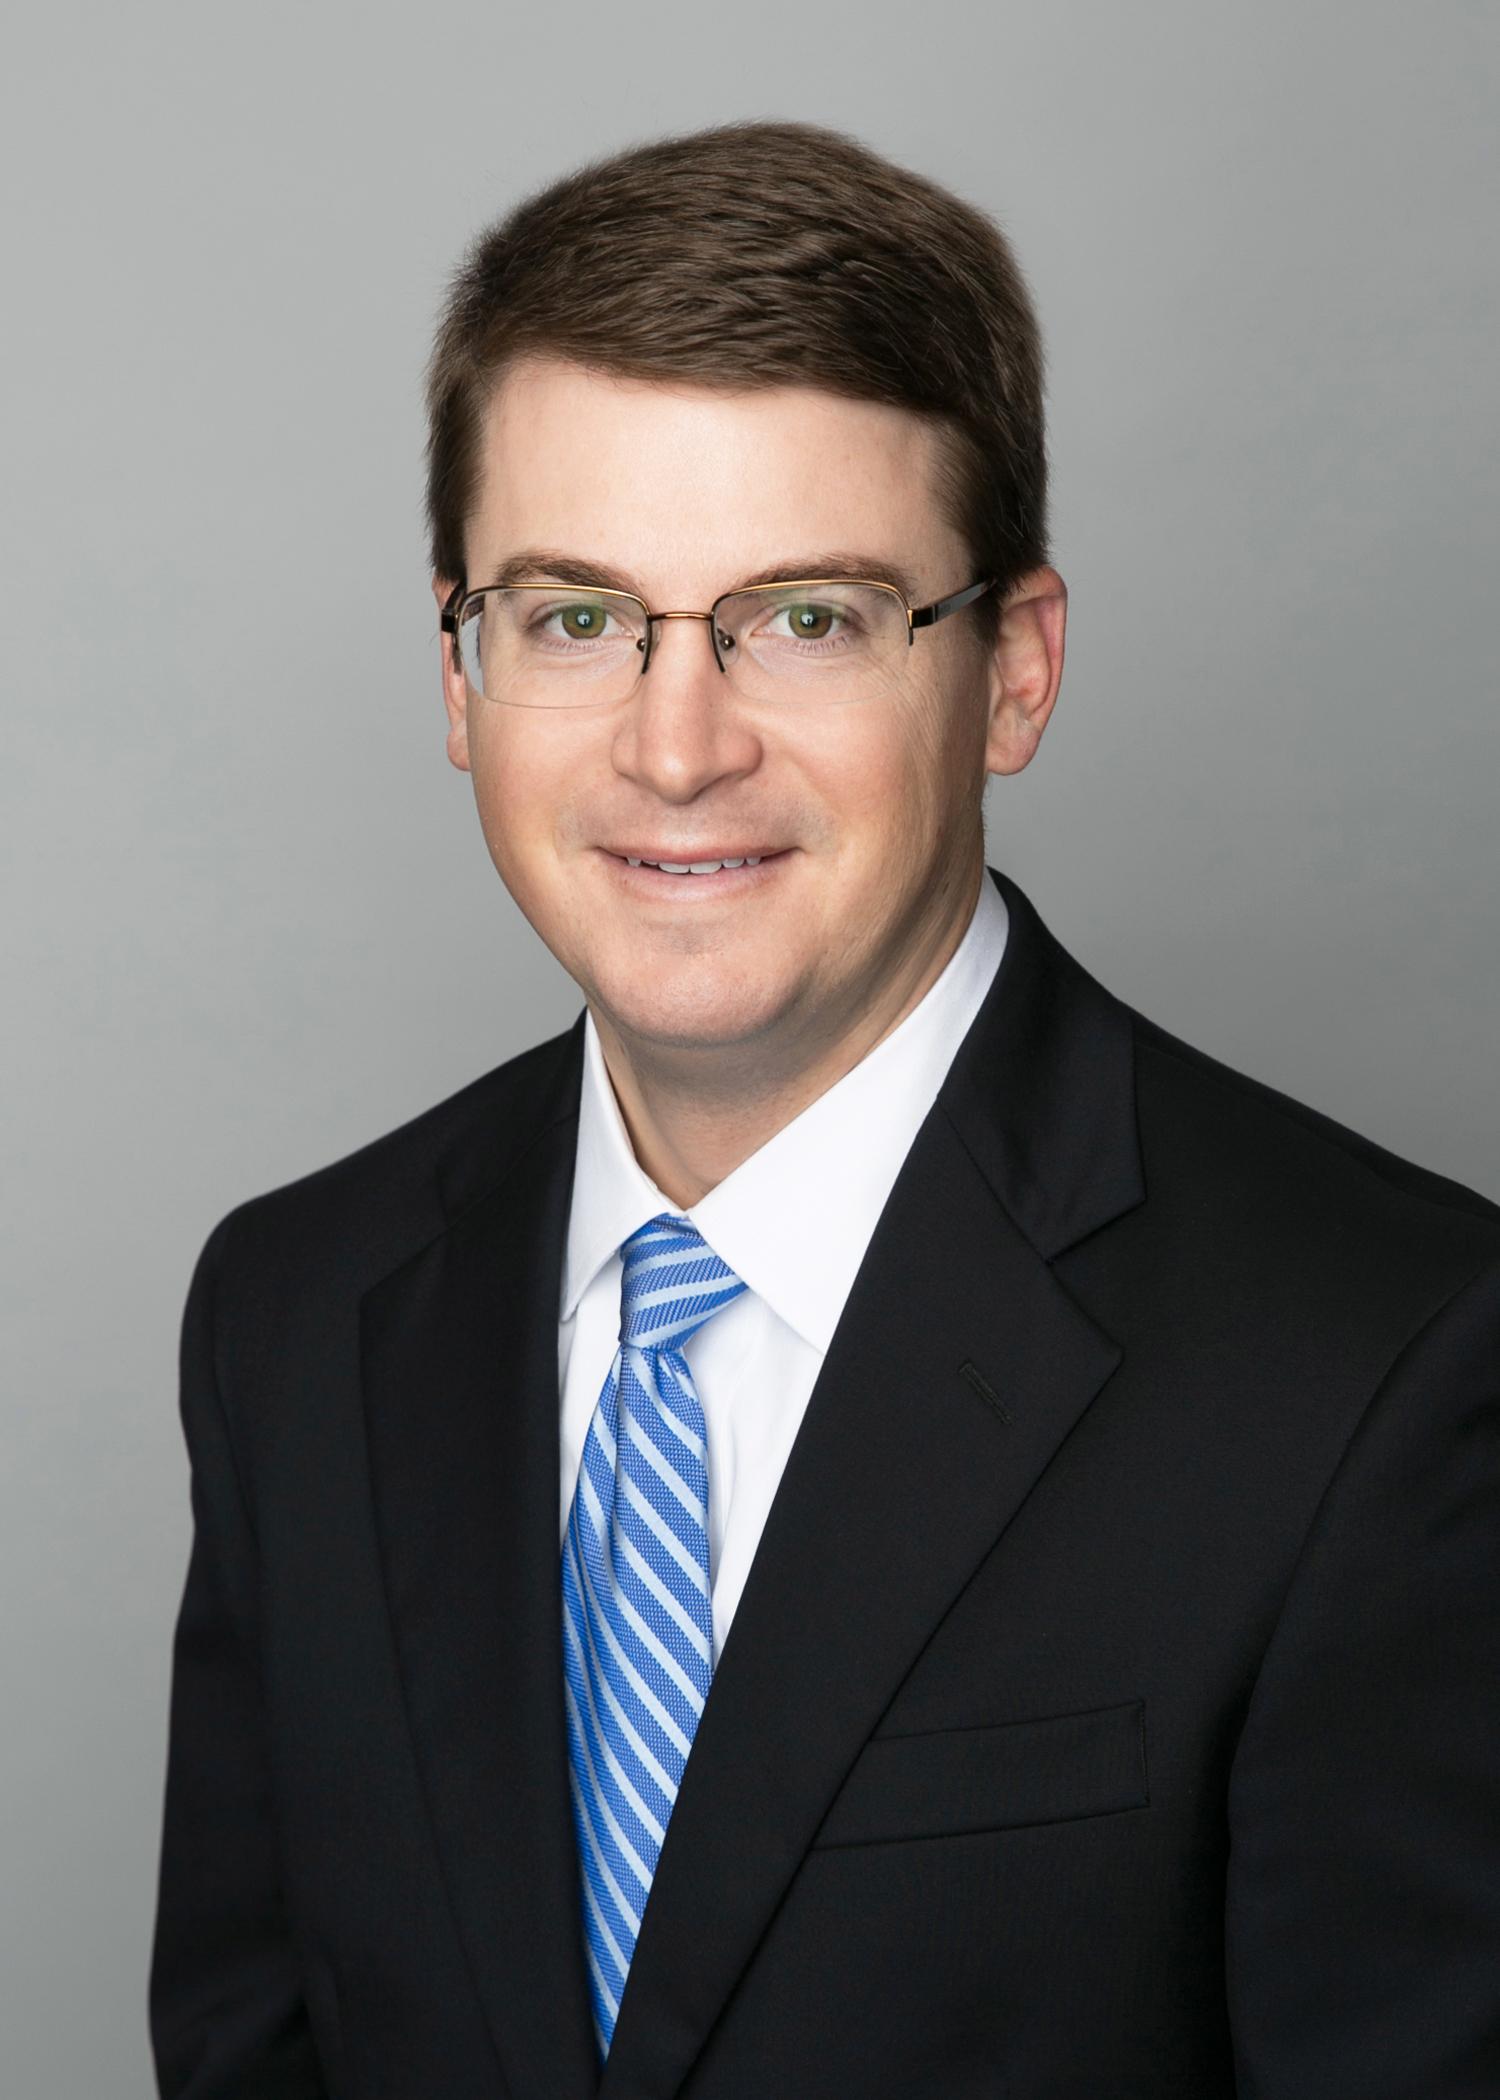 Headshot of Shareholder Tyler J. Oldenburg